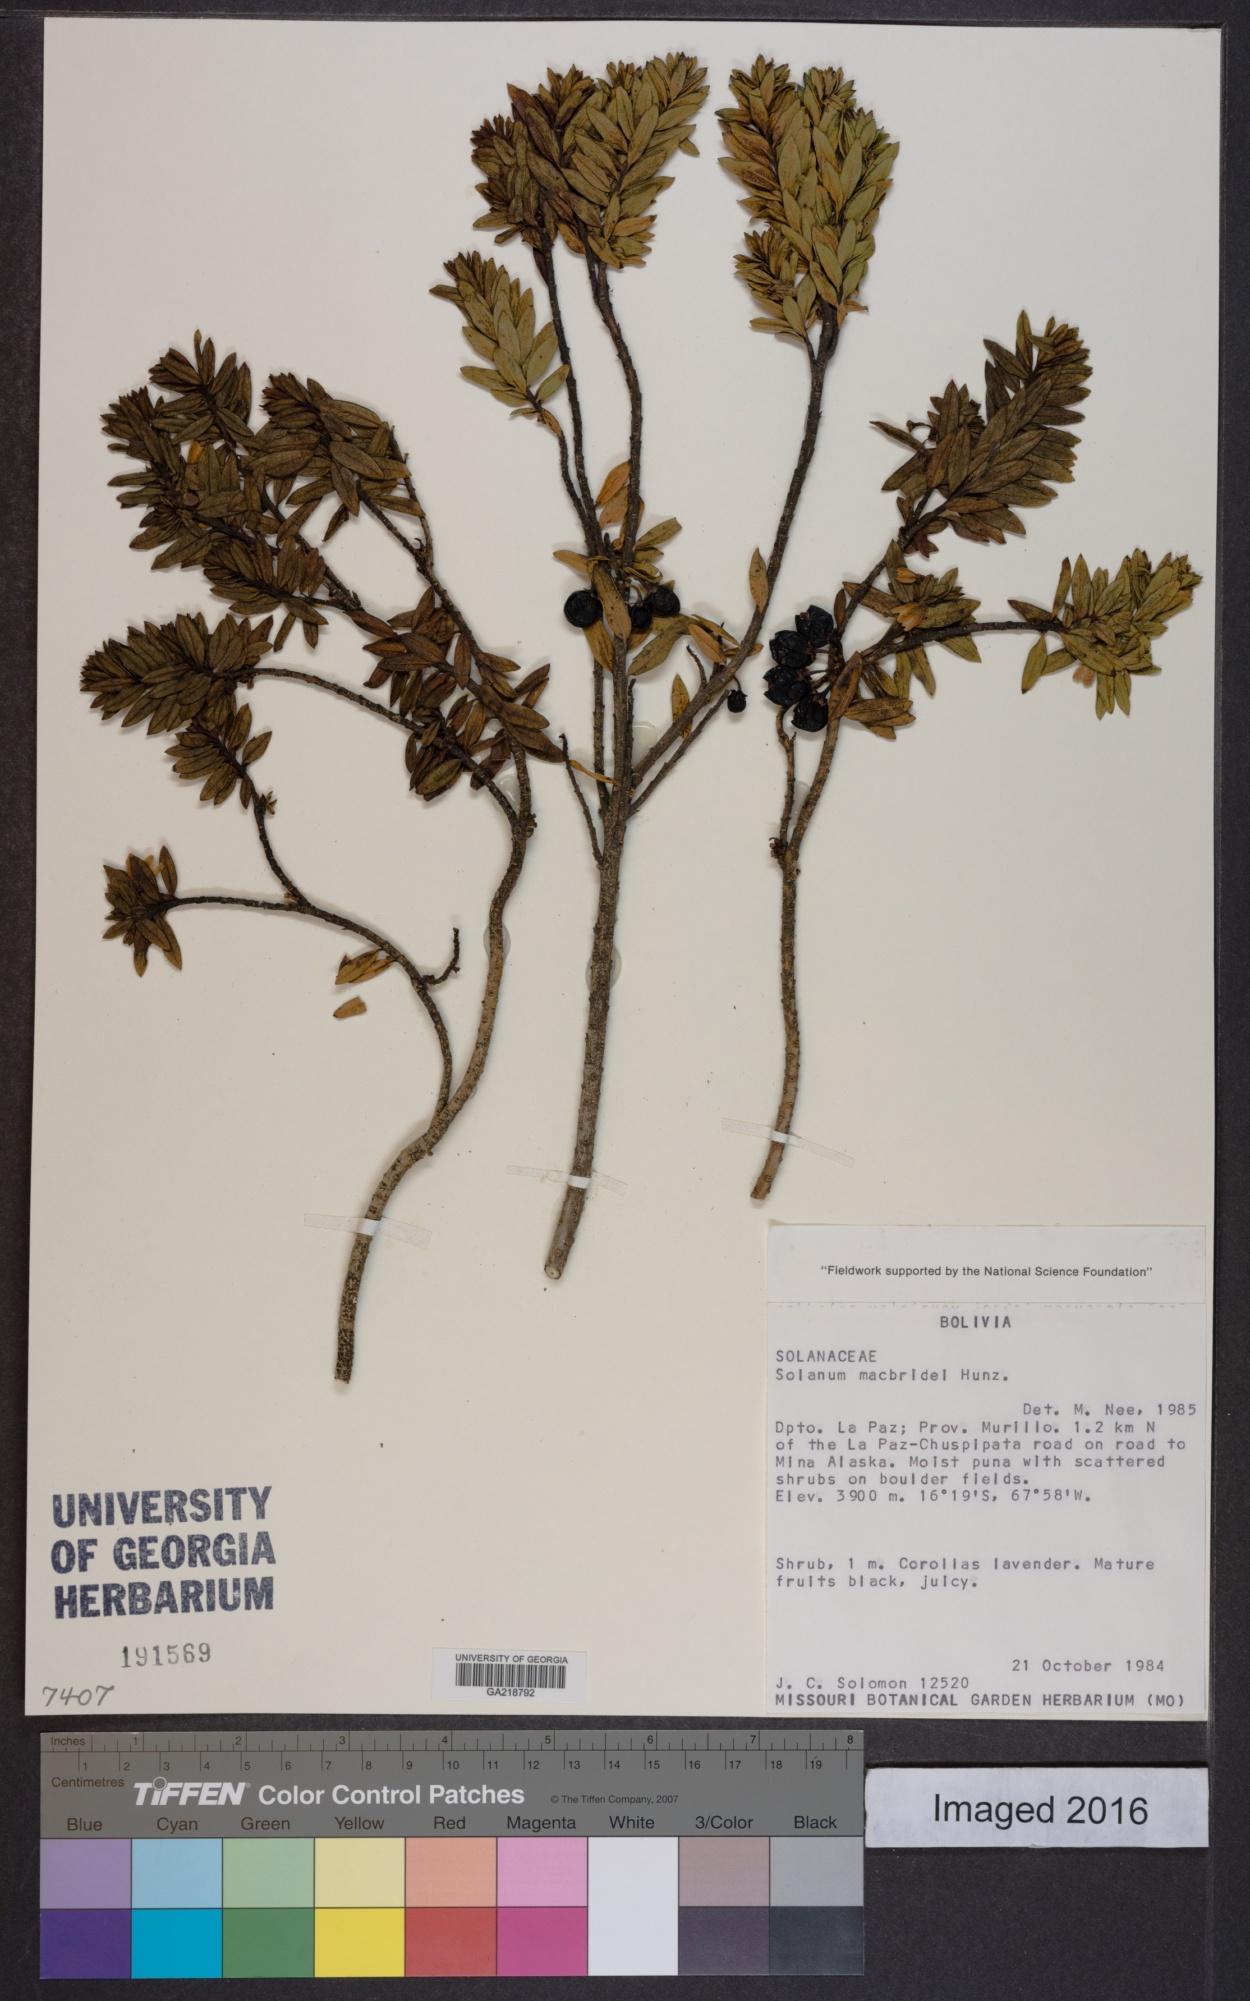 Solanum macbridei image